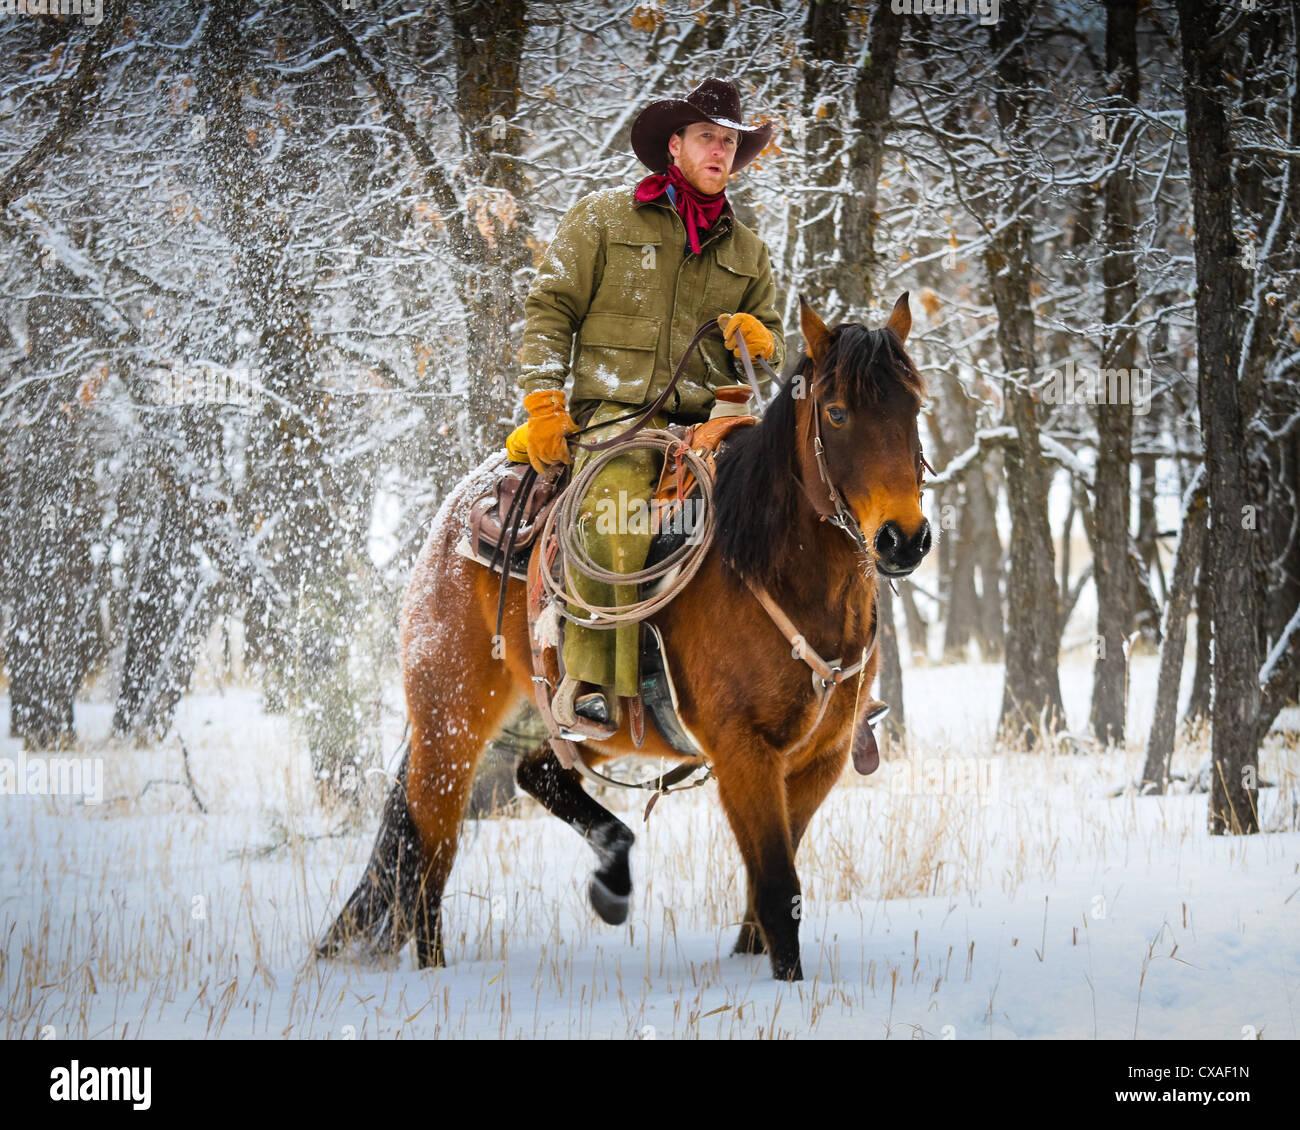 Cowboy a cavallo in un ranch nel nord-est del Wyoming Immagini Stock